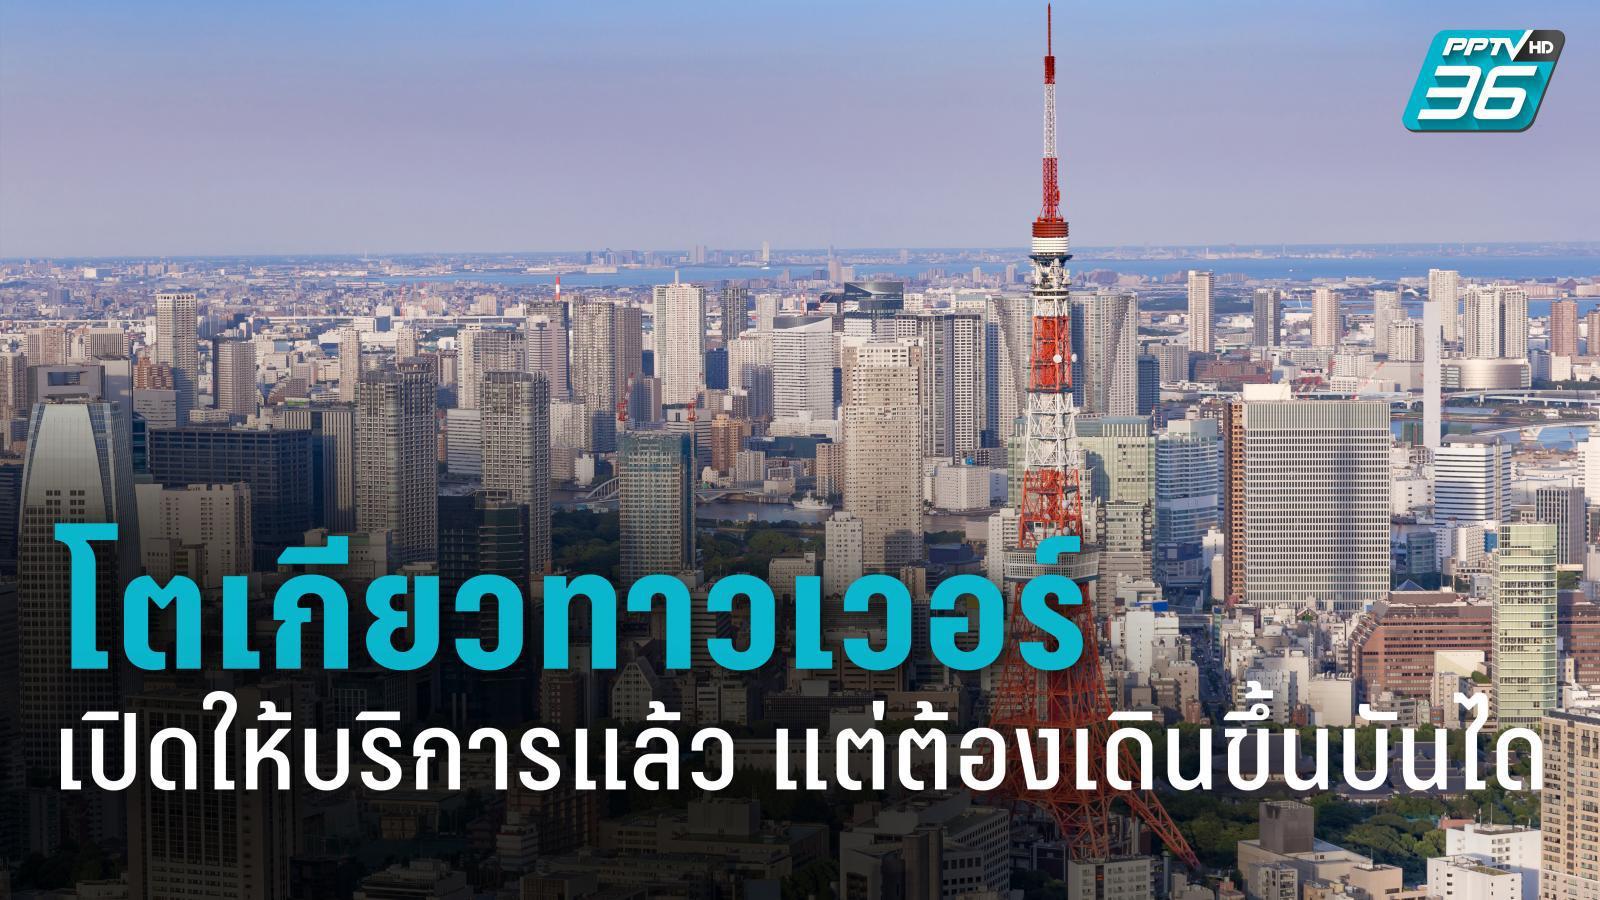 โตเกียวทาวเวอร์เปิดบริการอีกครั้งวันนี้ แต่คุณอาจต้องเดินขึ้นเอง